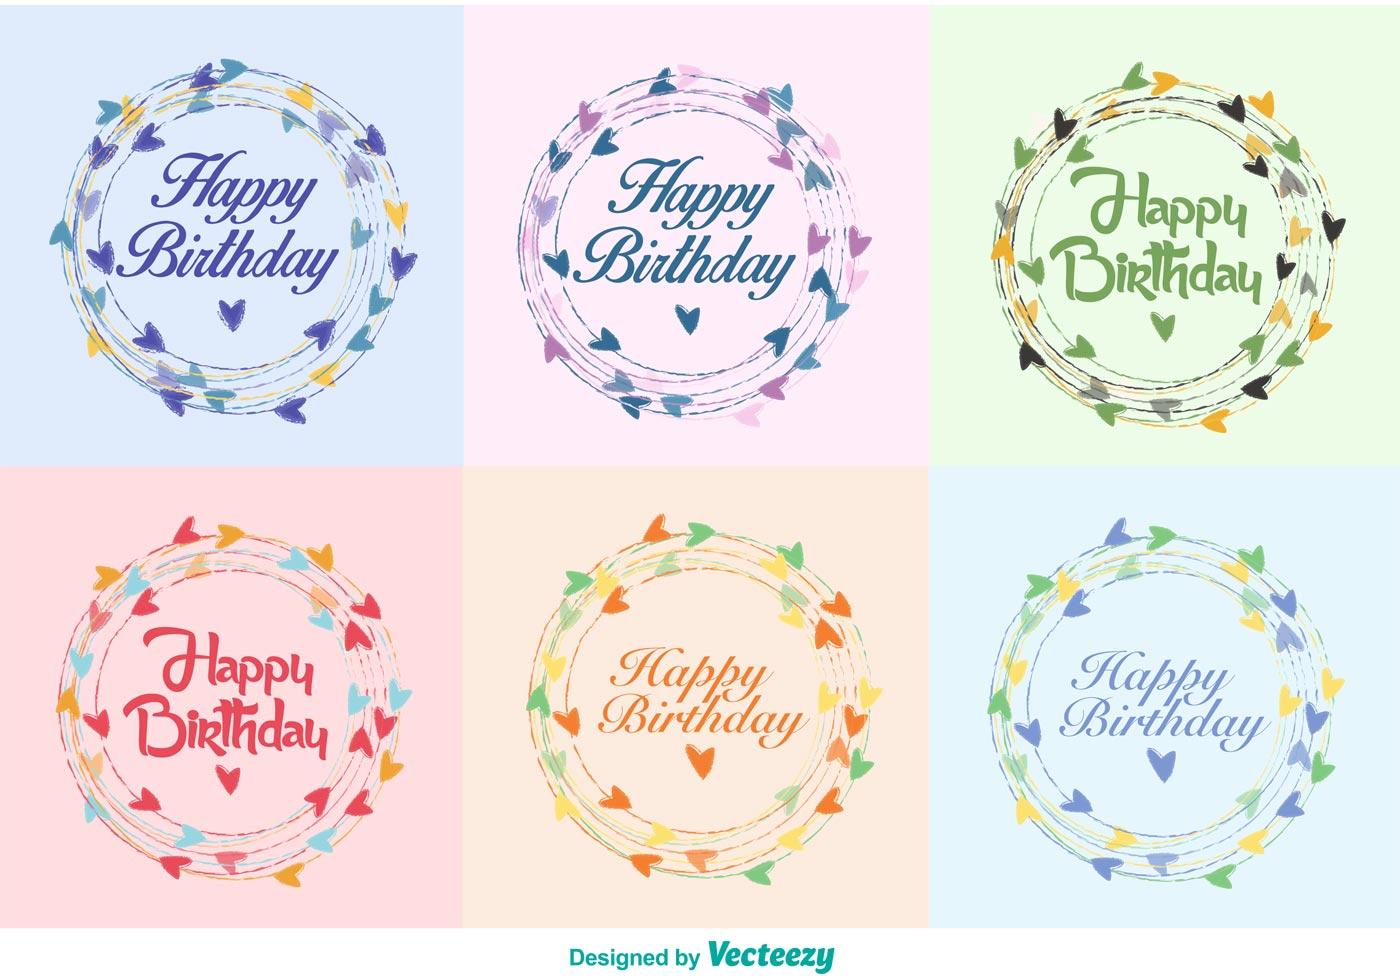 Happy Birthday Wreath Vectors